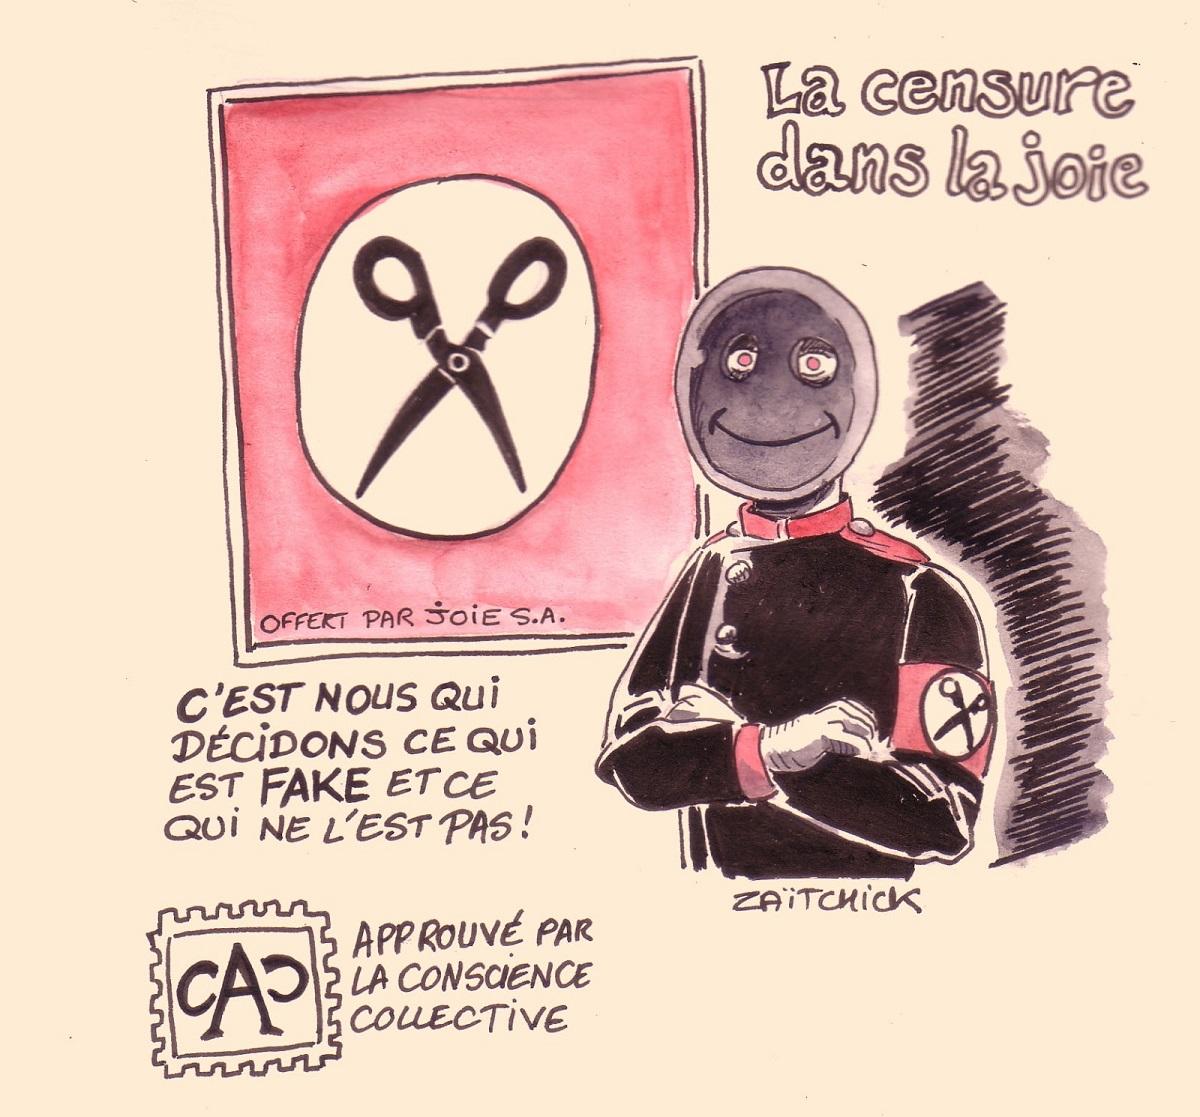 dessin d'actualité humoristique traitant de la censure étatisée